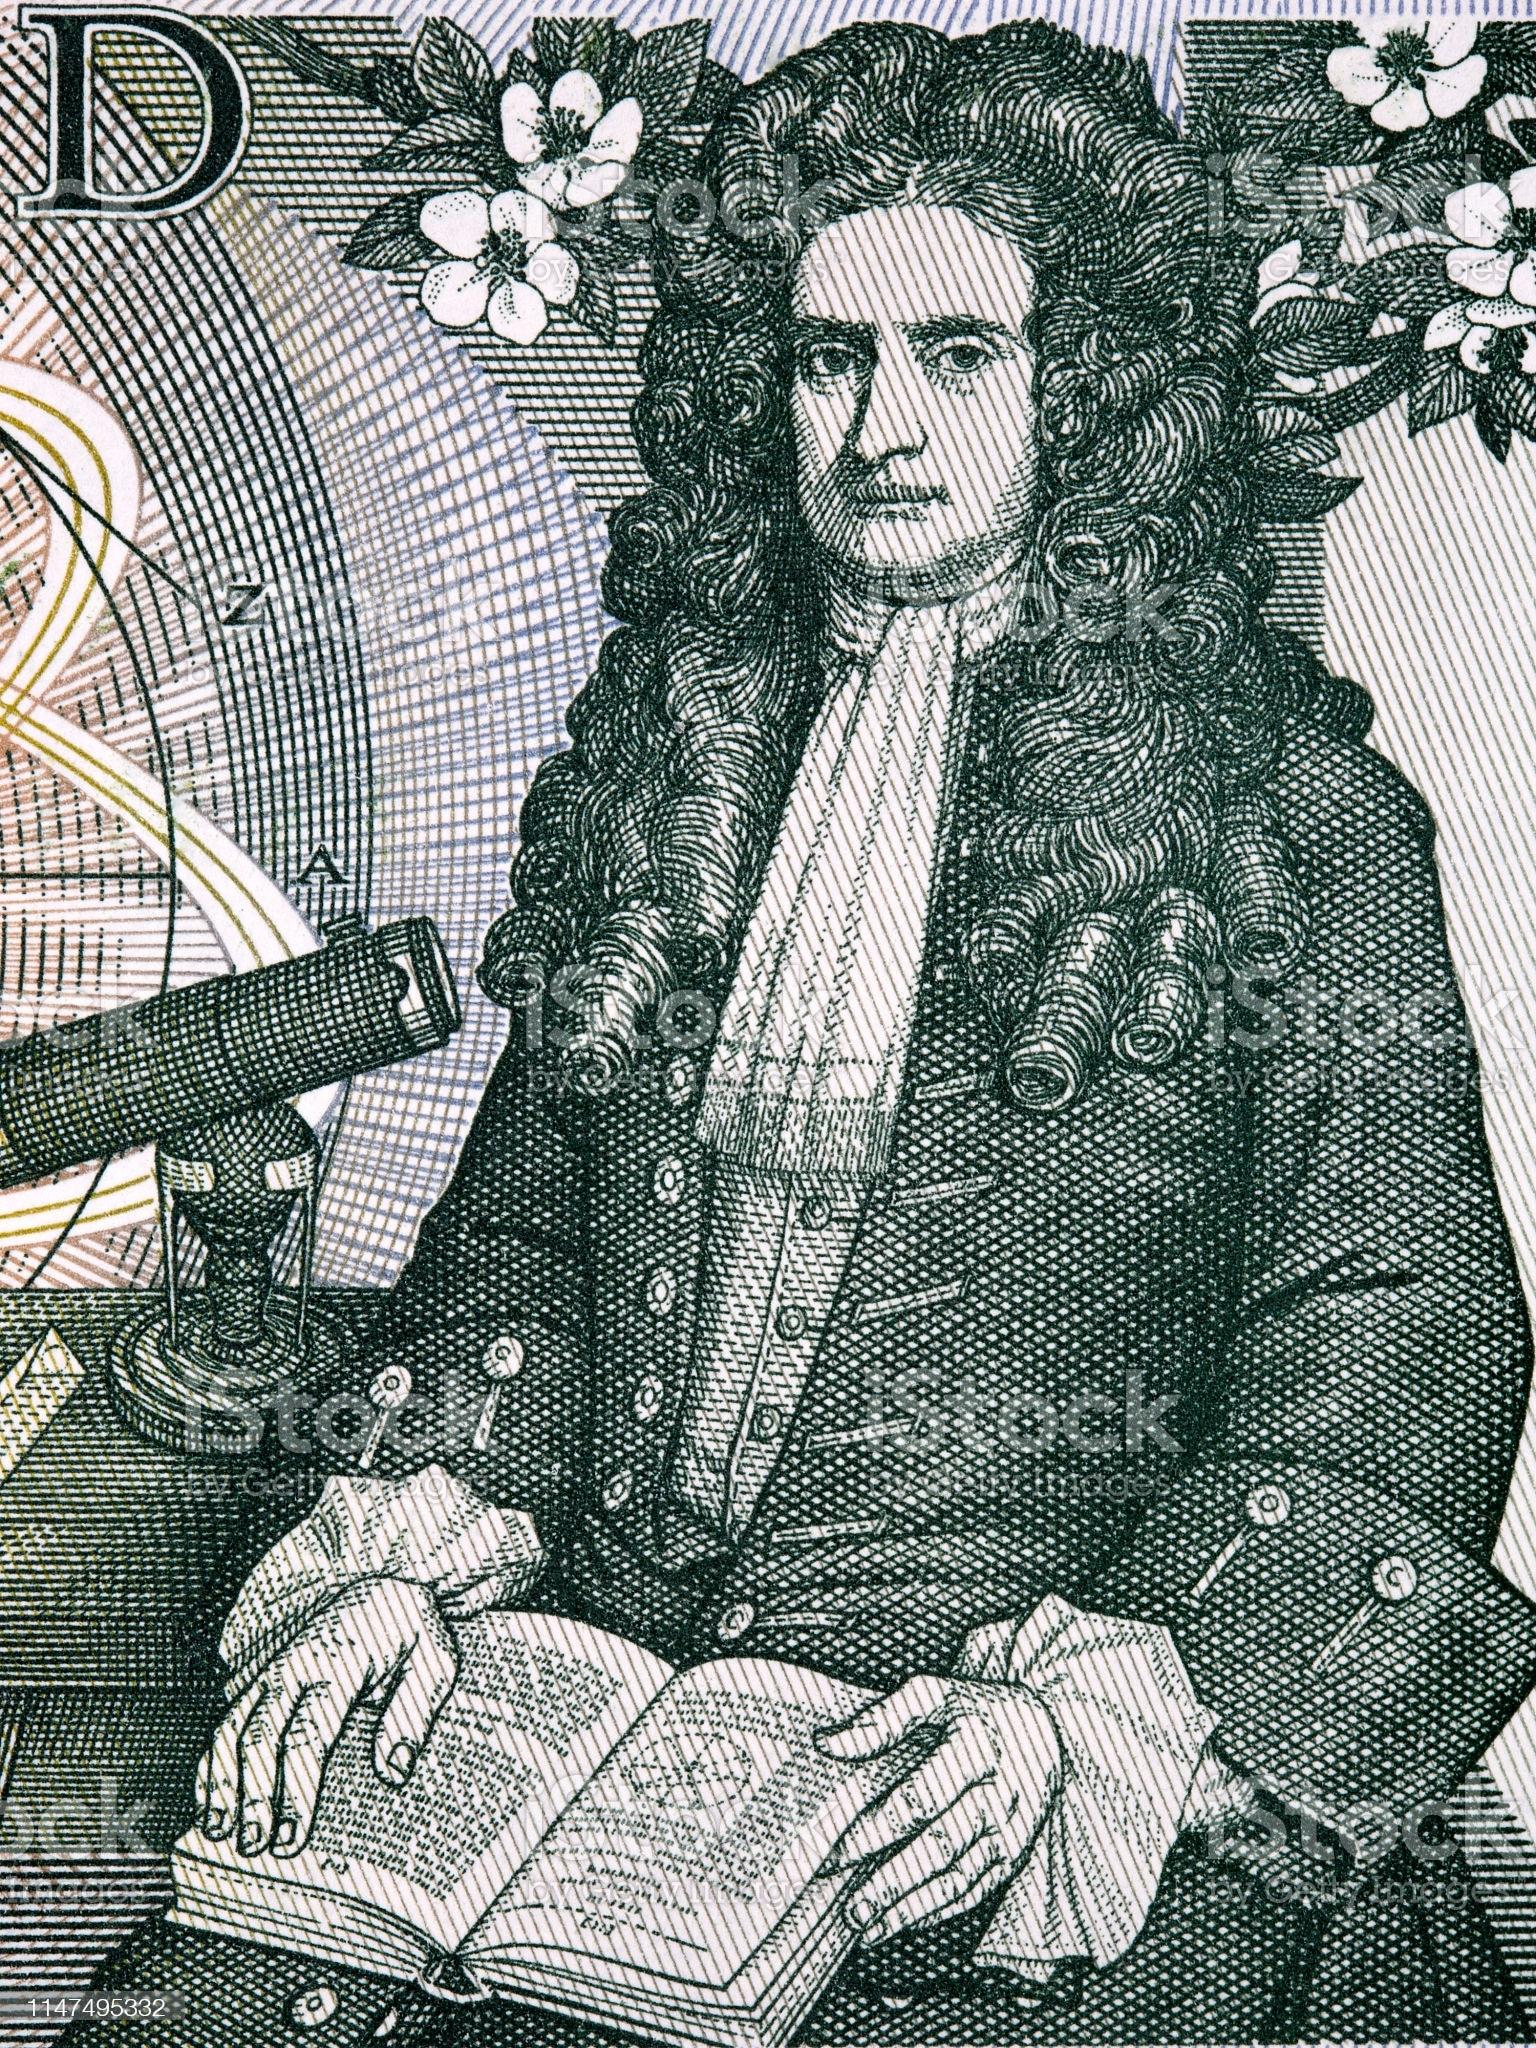 Isaac Newton un portrait de vieil argent anglais - Photo de Angleterre libre de droits